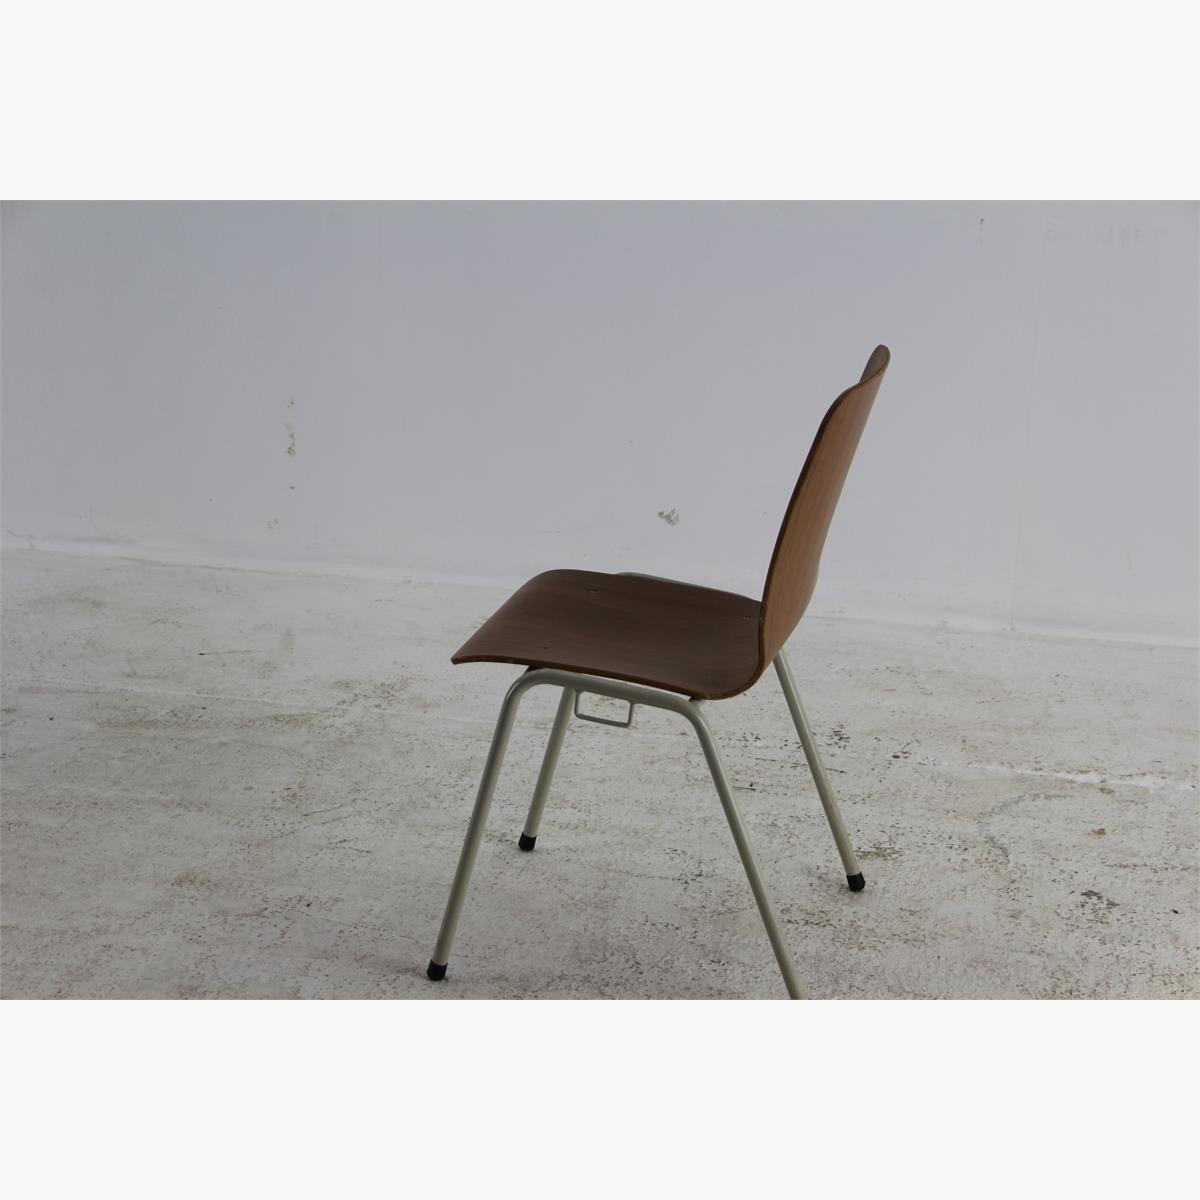 Afbeeldingen van retro stoel 45 stuks beschikbaar